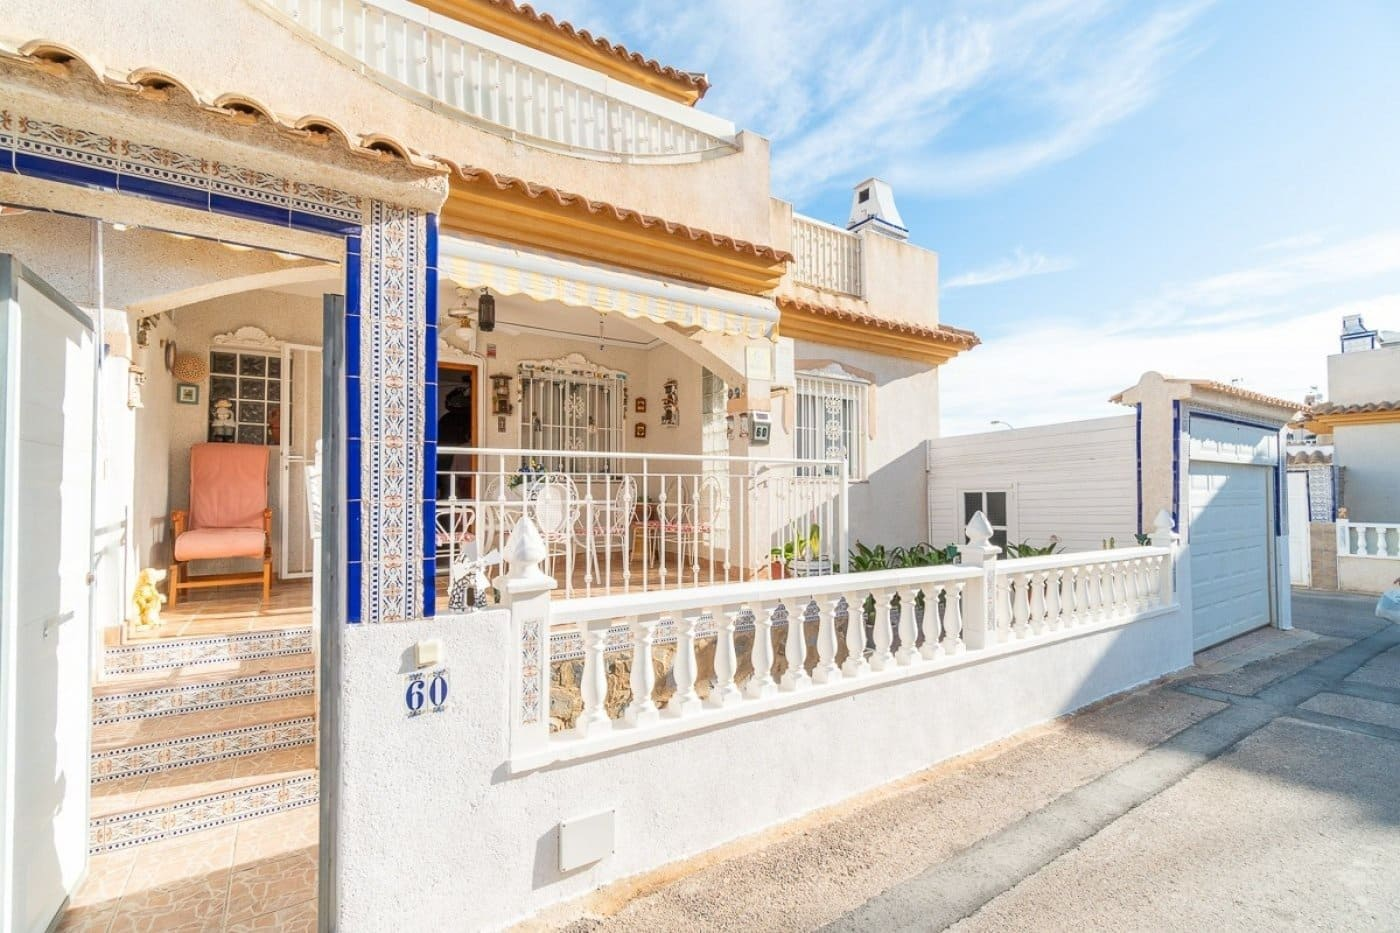 Adosado de 3 habitaciones en Playa Flamenca en venta con piscina - 129.900 € (Ref: 5095539)